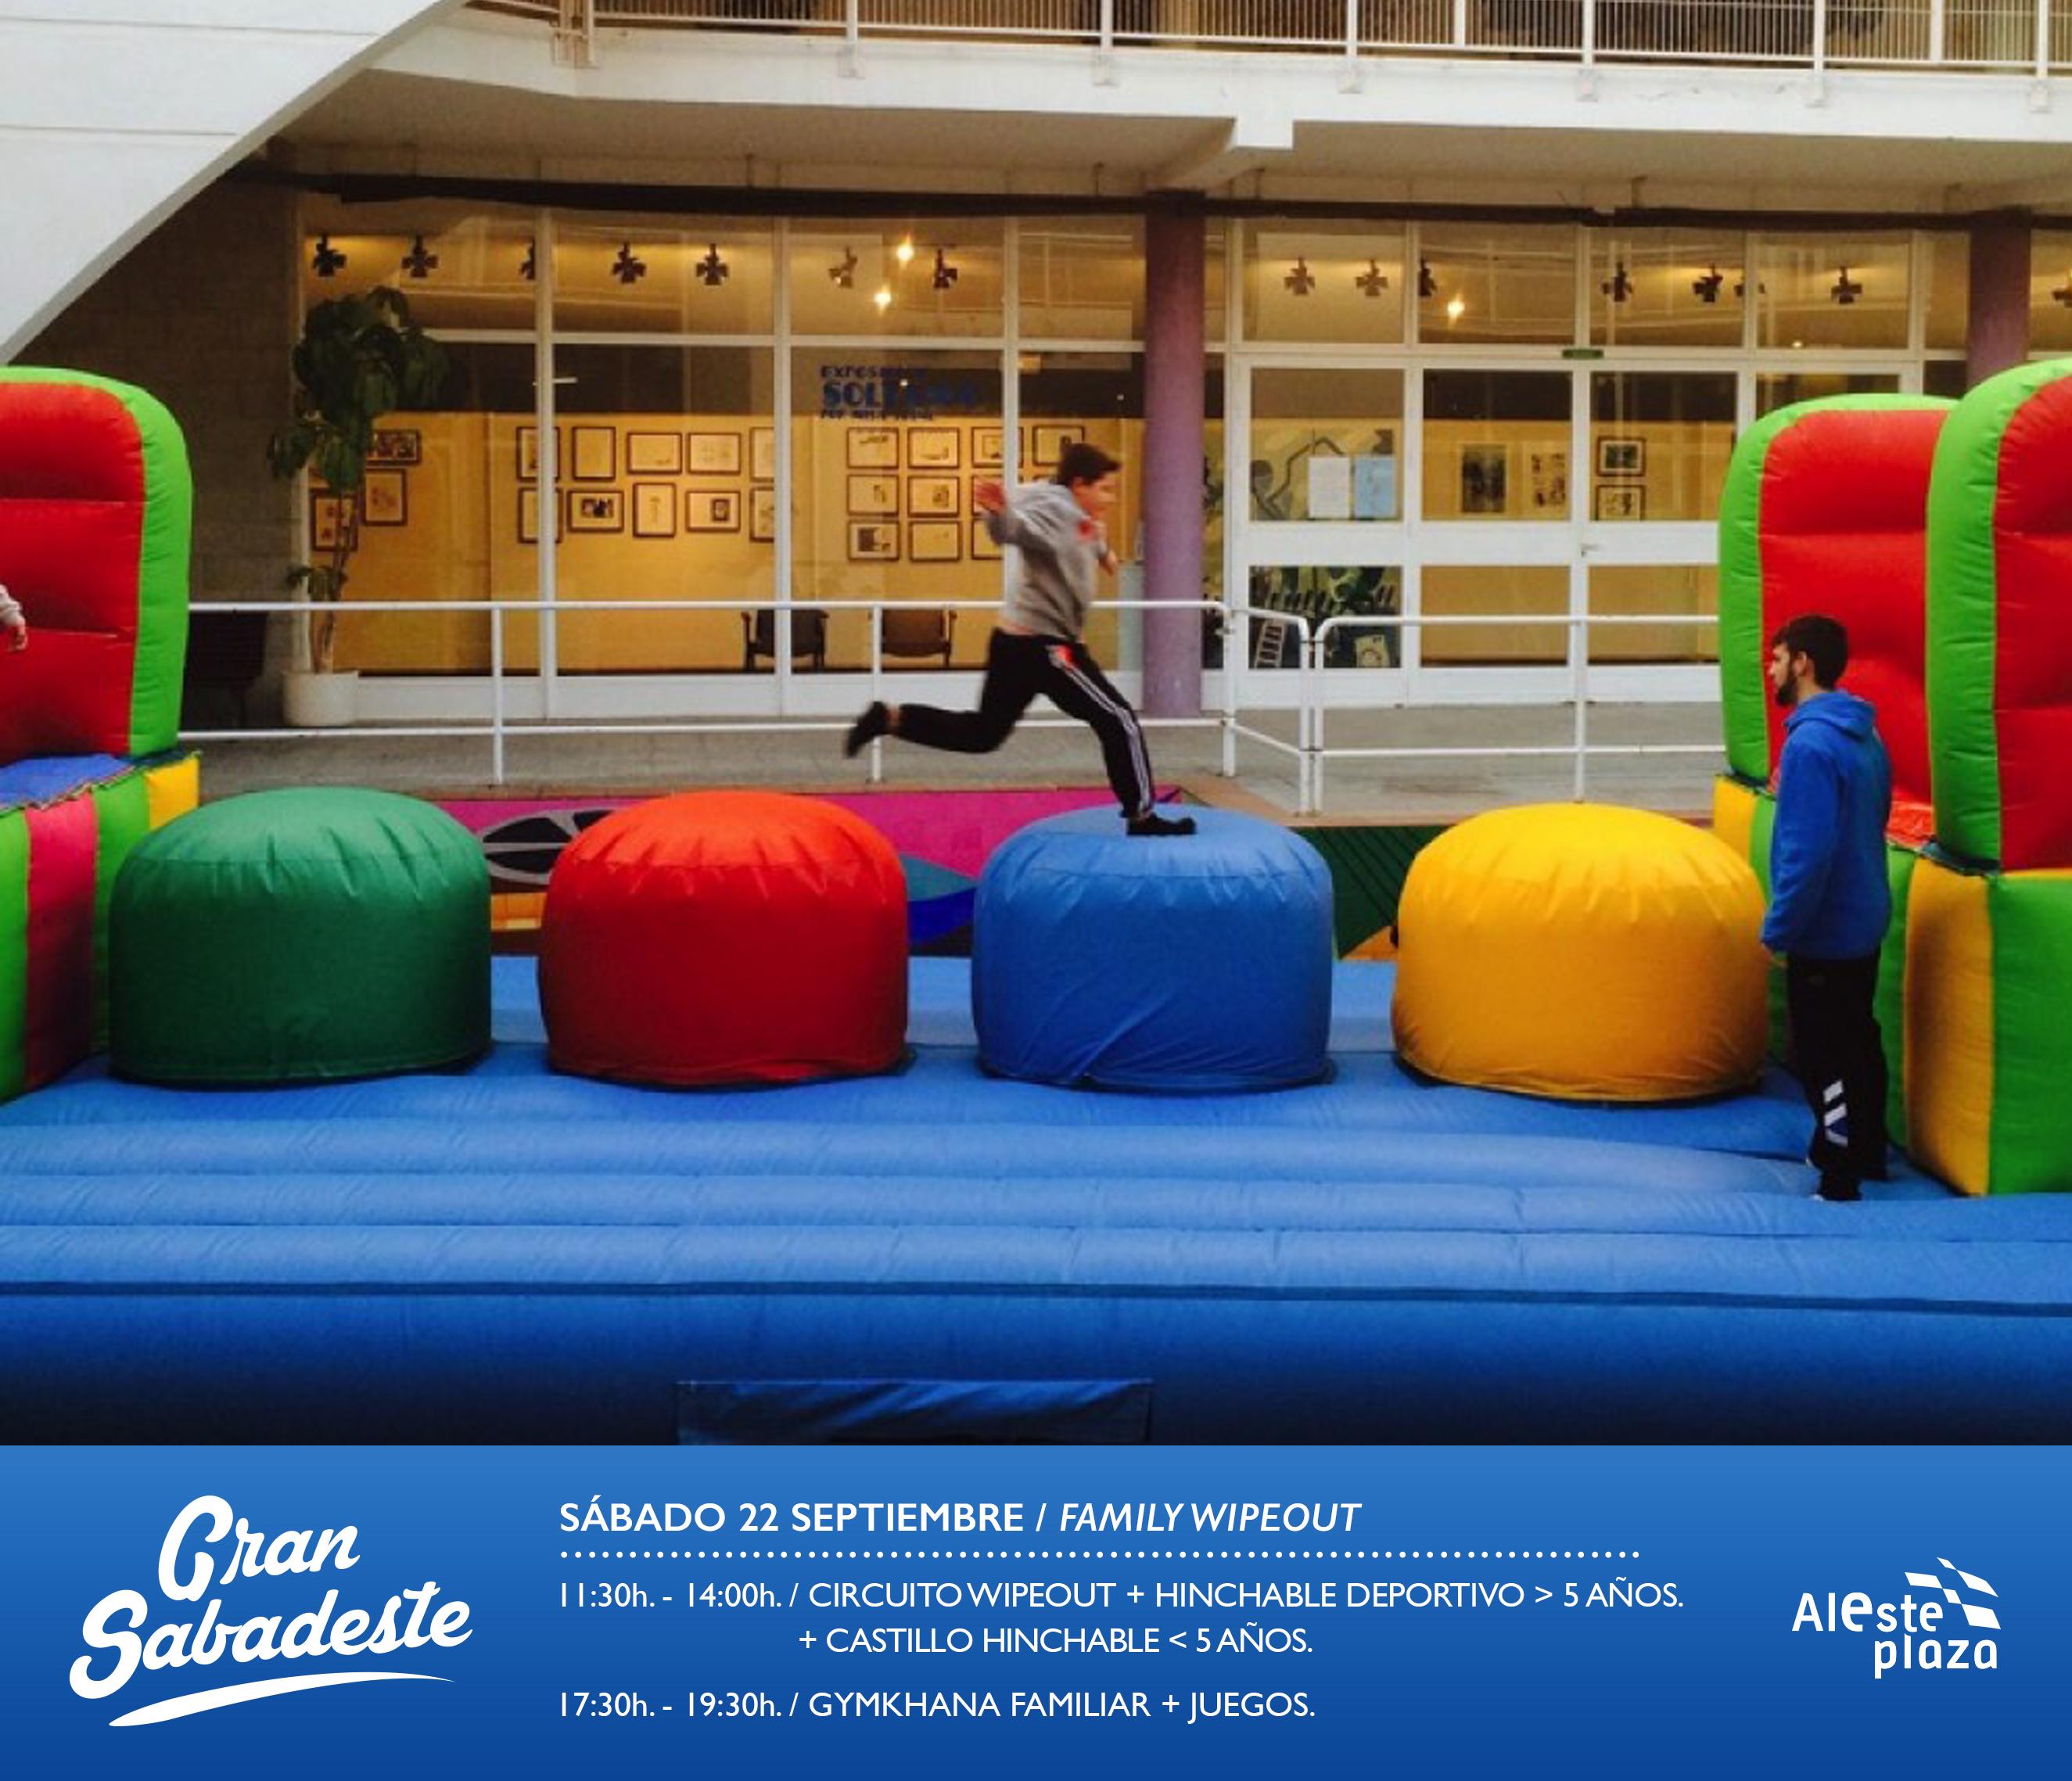 Circuito Wipeout : Gran sabadeste family wipeout aleste plaza